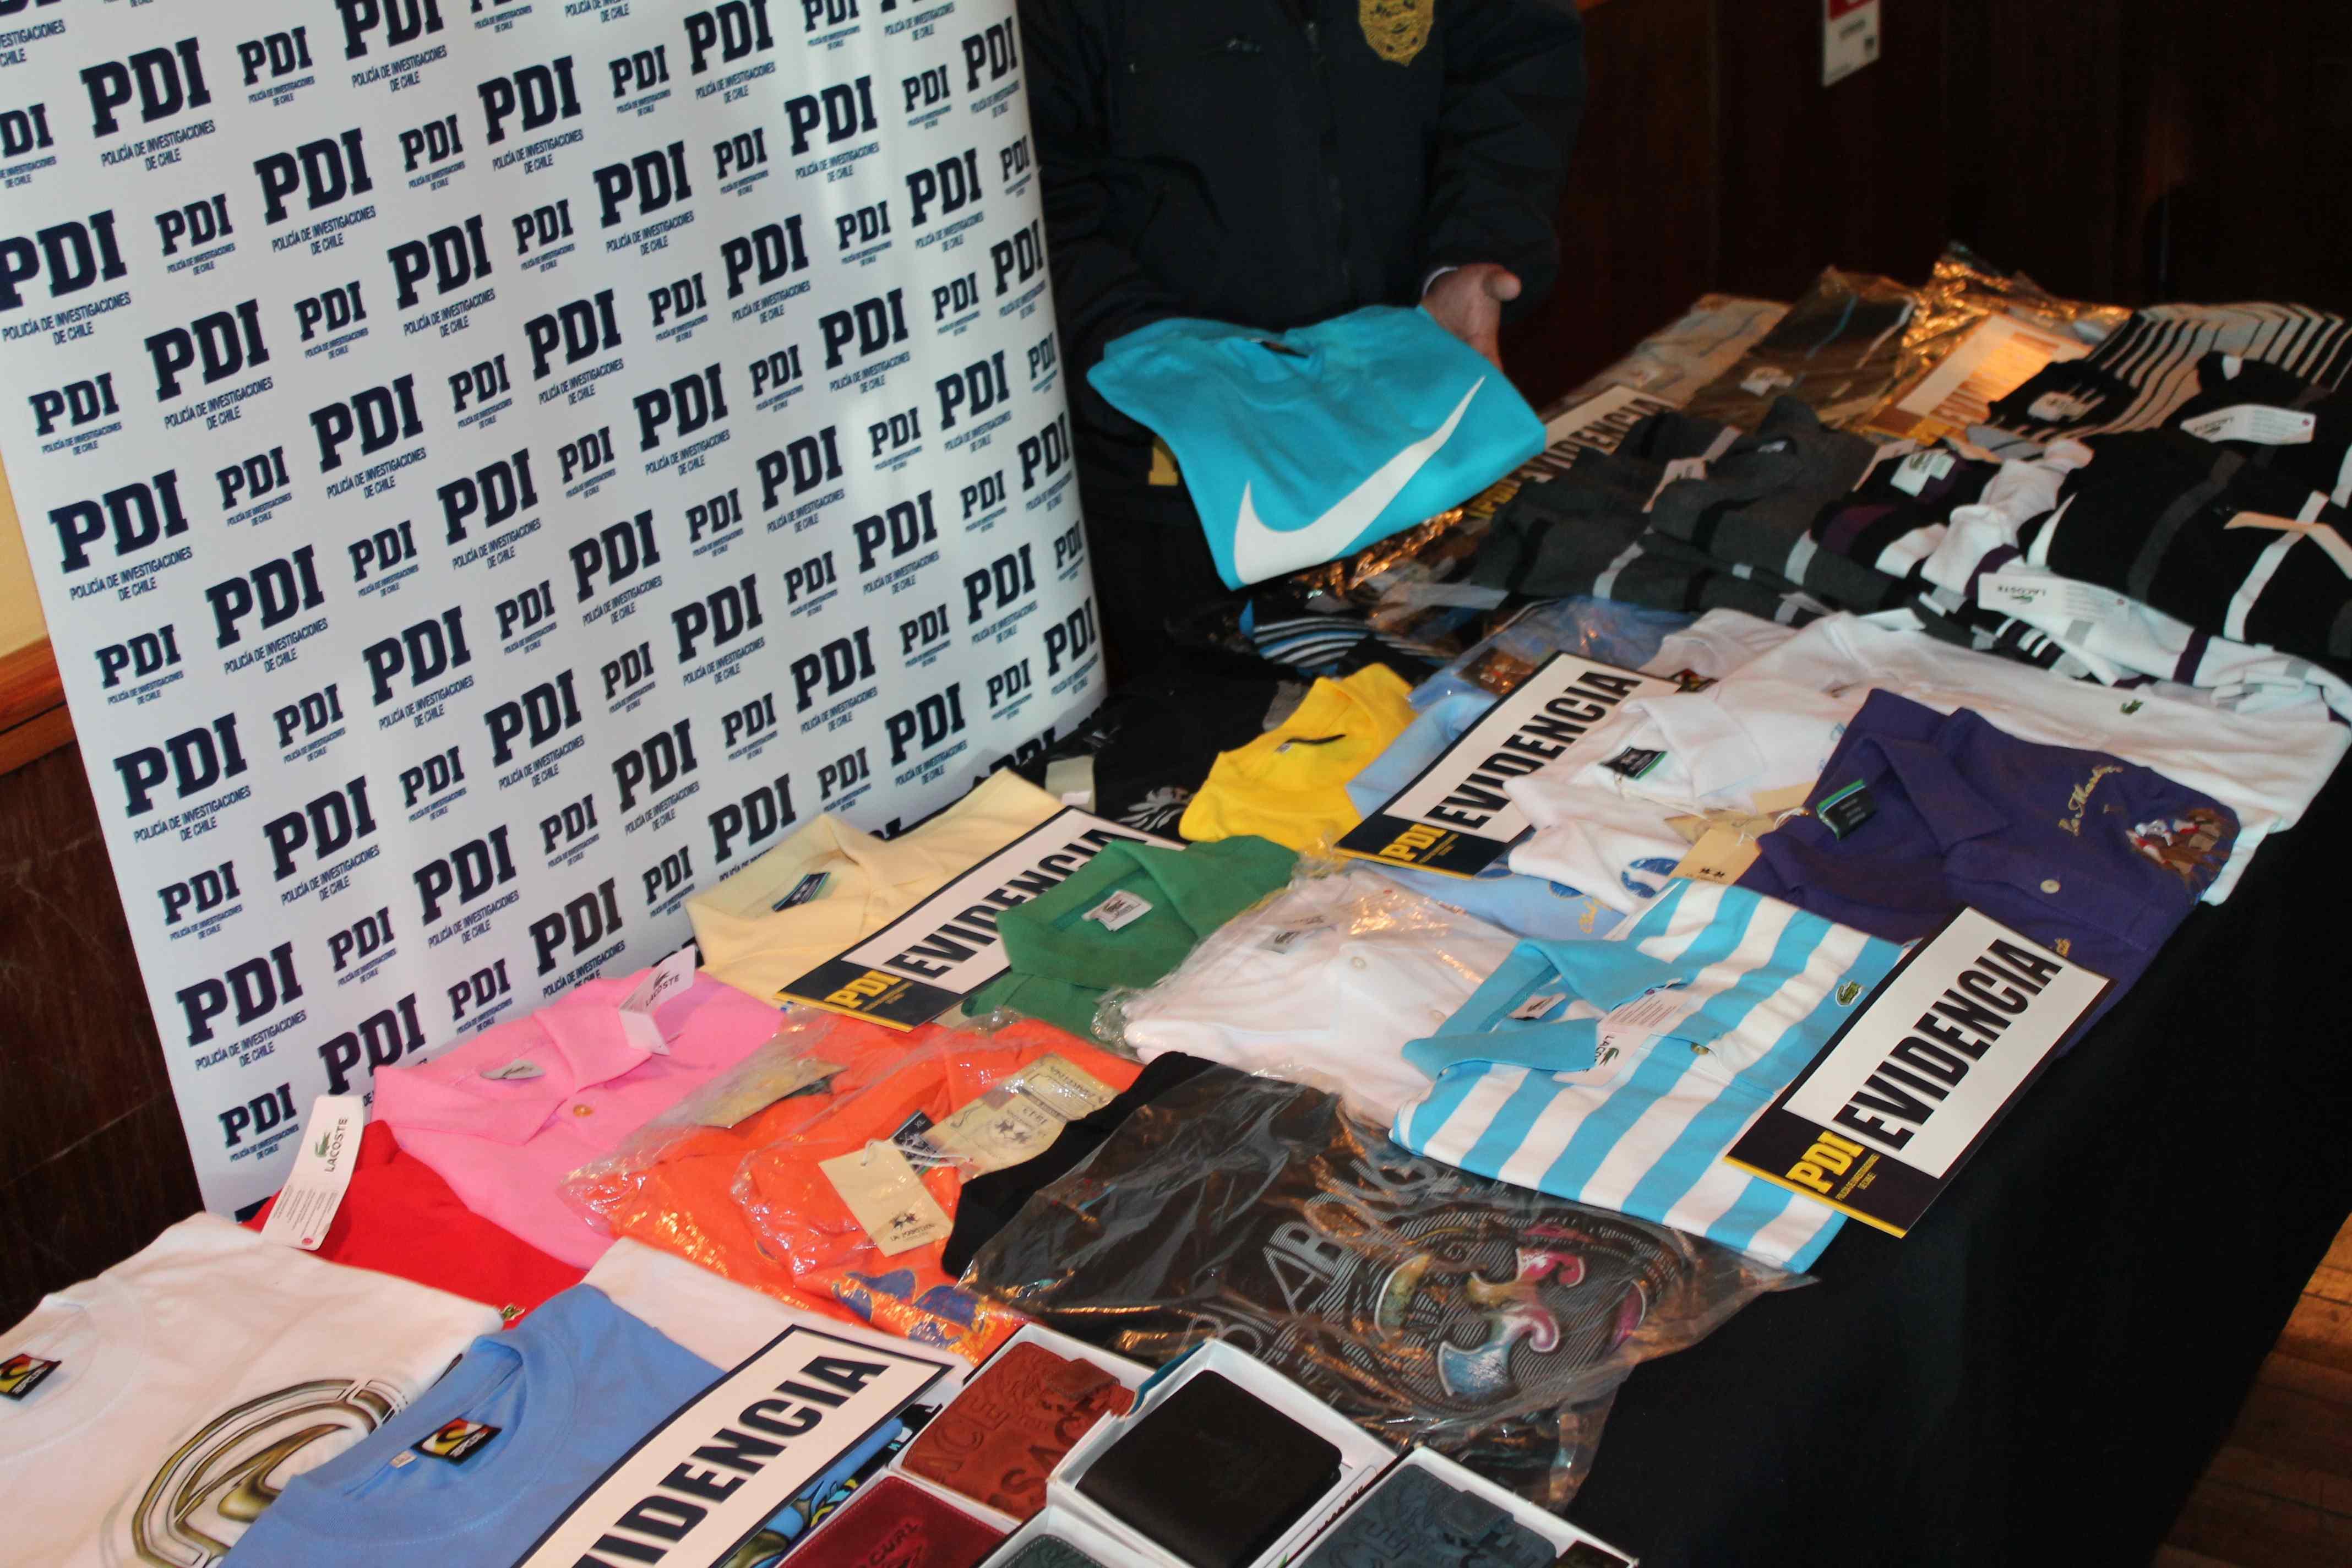 00805b8d47bd4 Detienen a sujeto por vender artículos falsos de exclusivas marcas en Santa  Juana